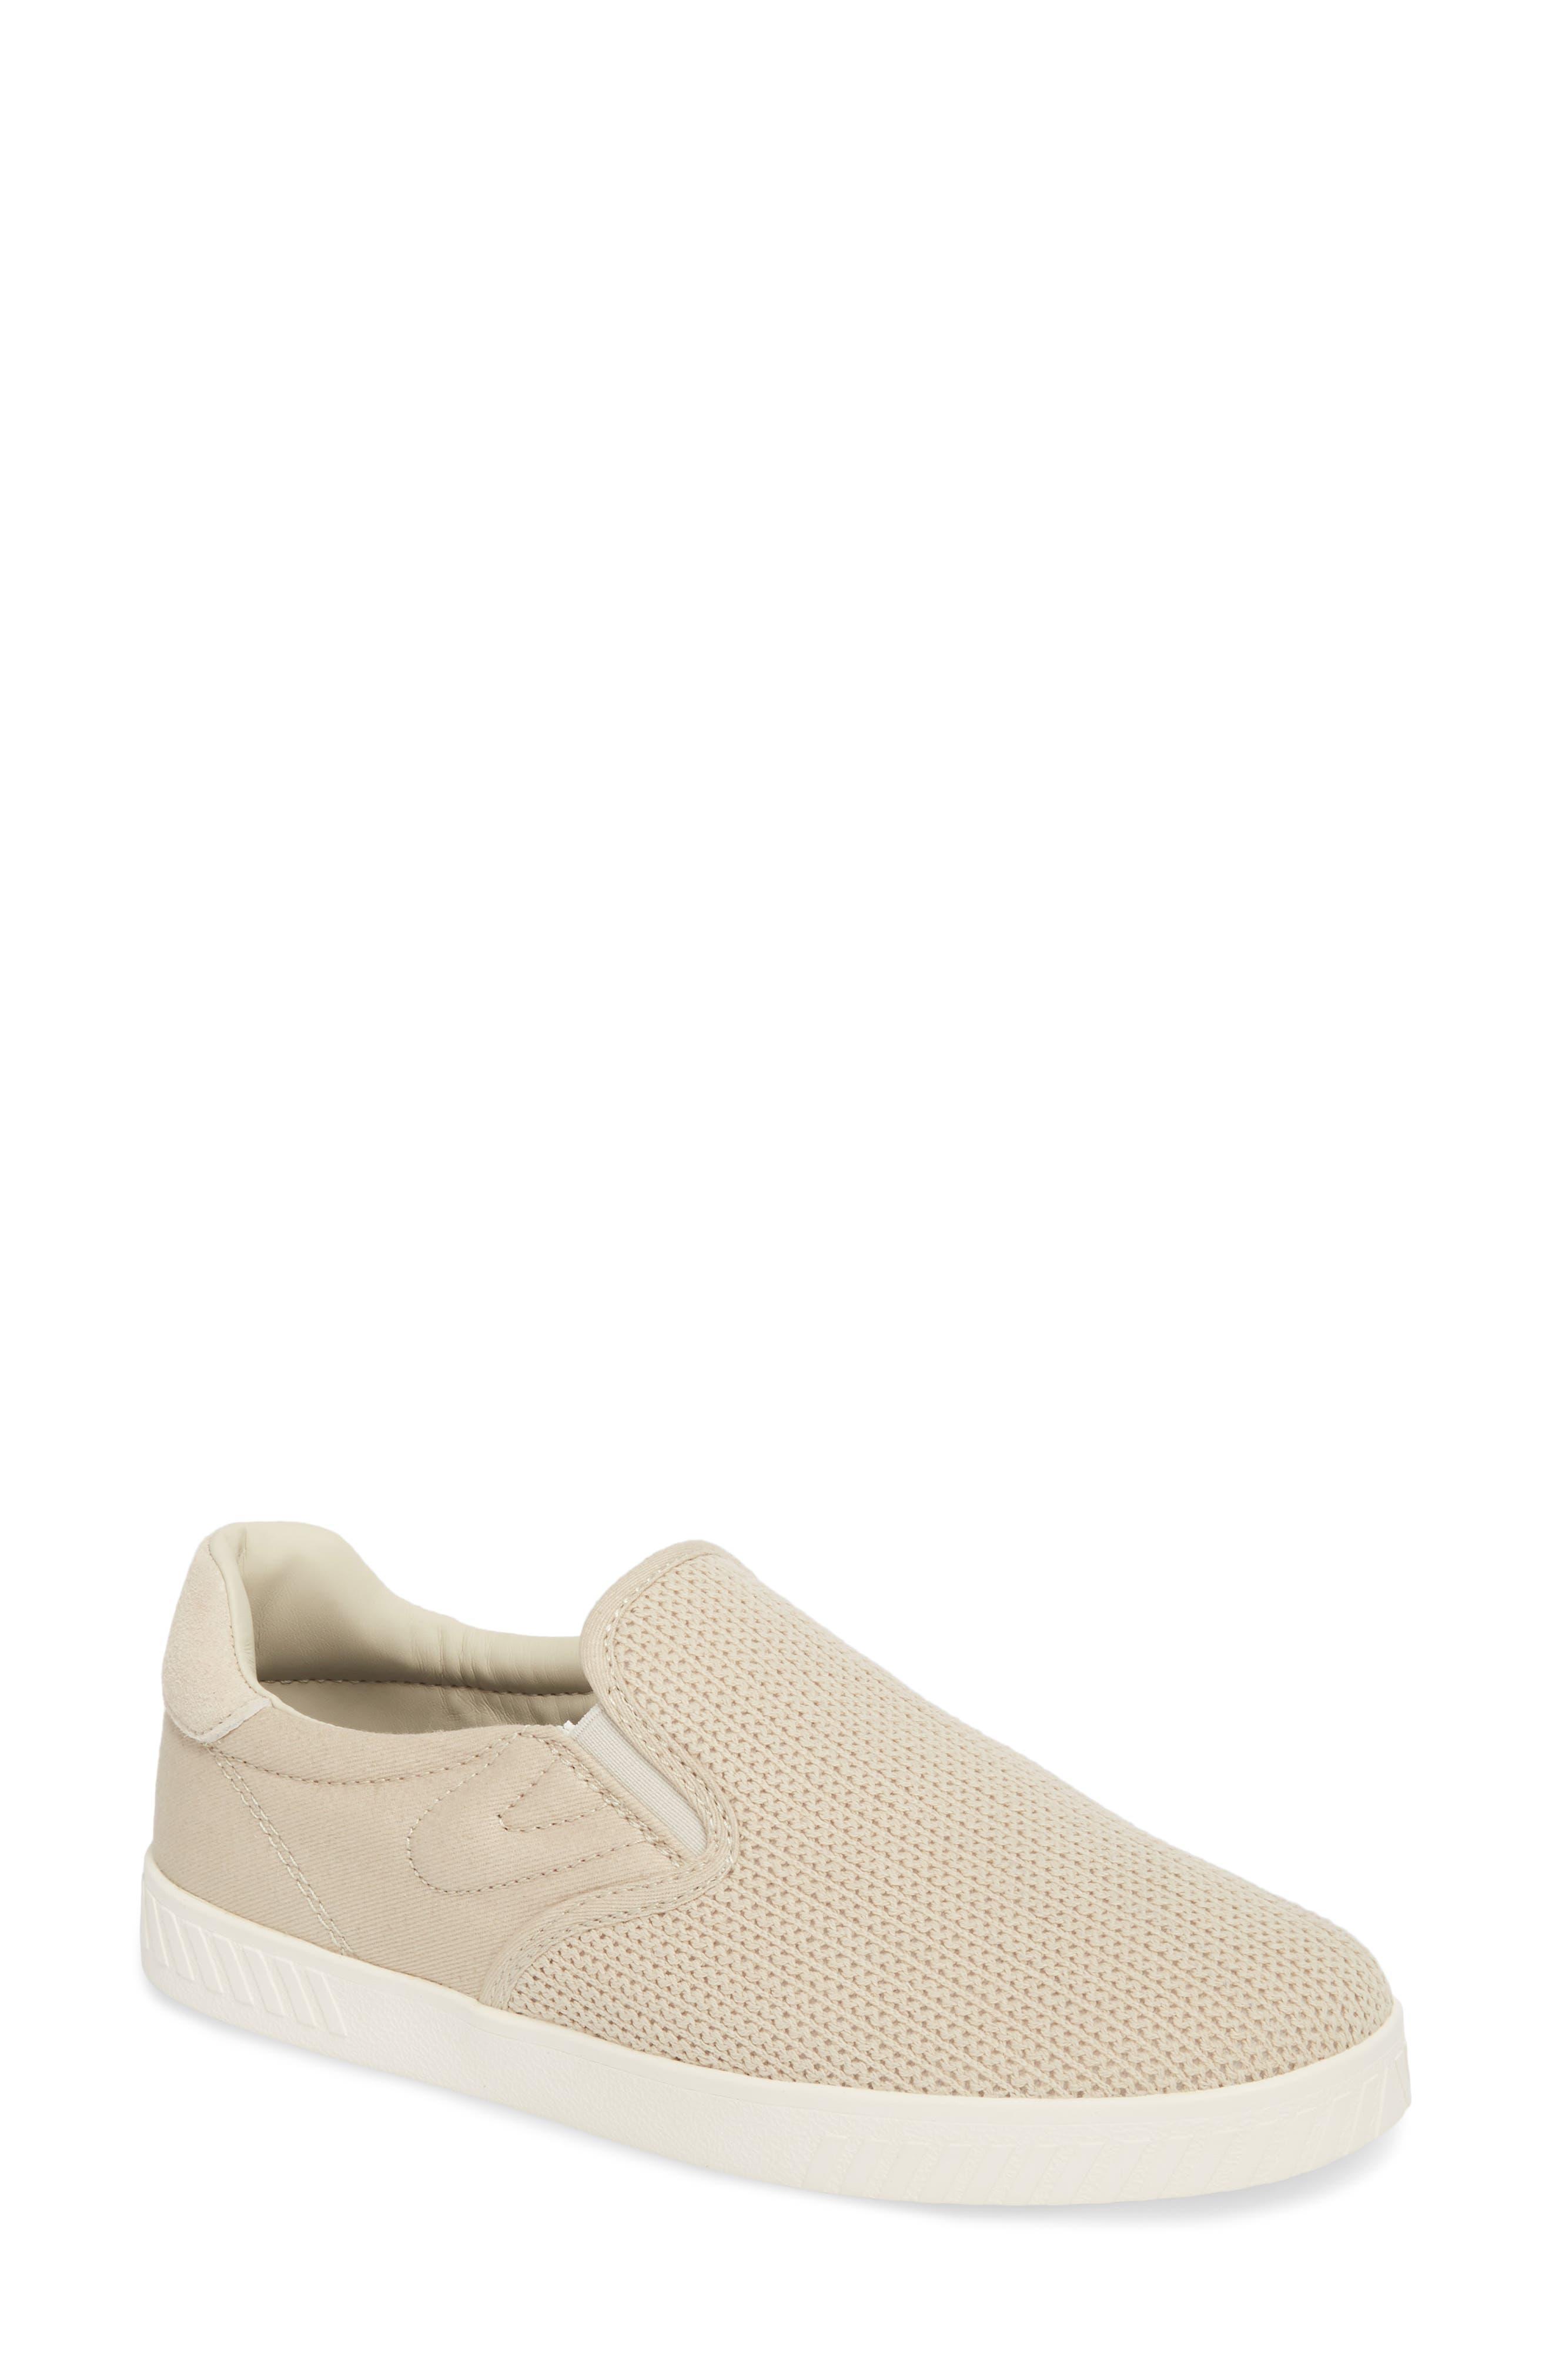 Tretorn | Cruz Mesh Slip-On Sneaker